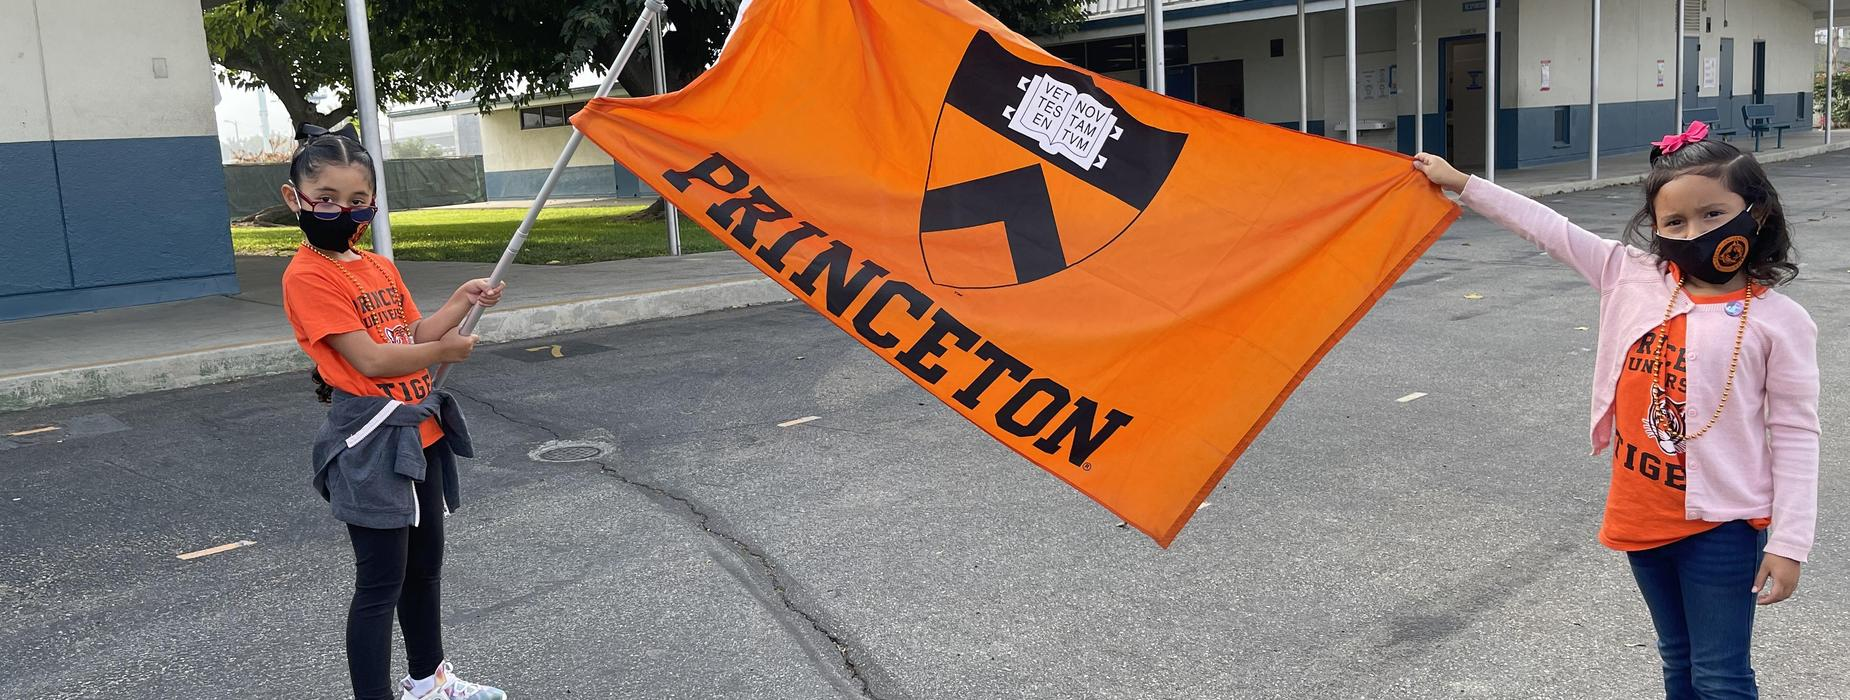 Princeton flag and students